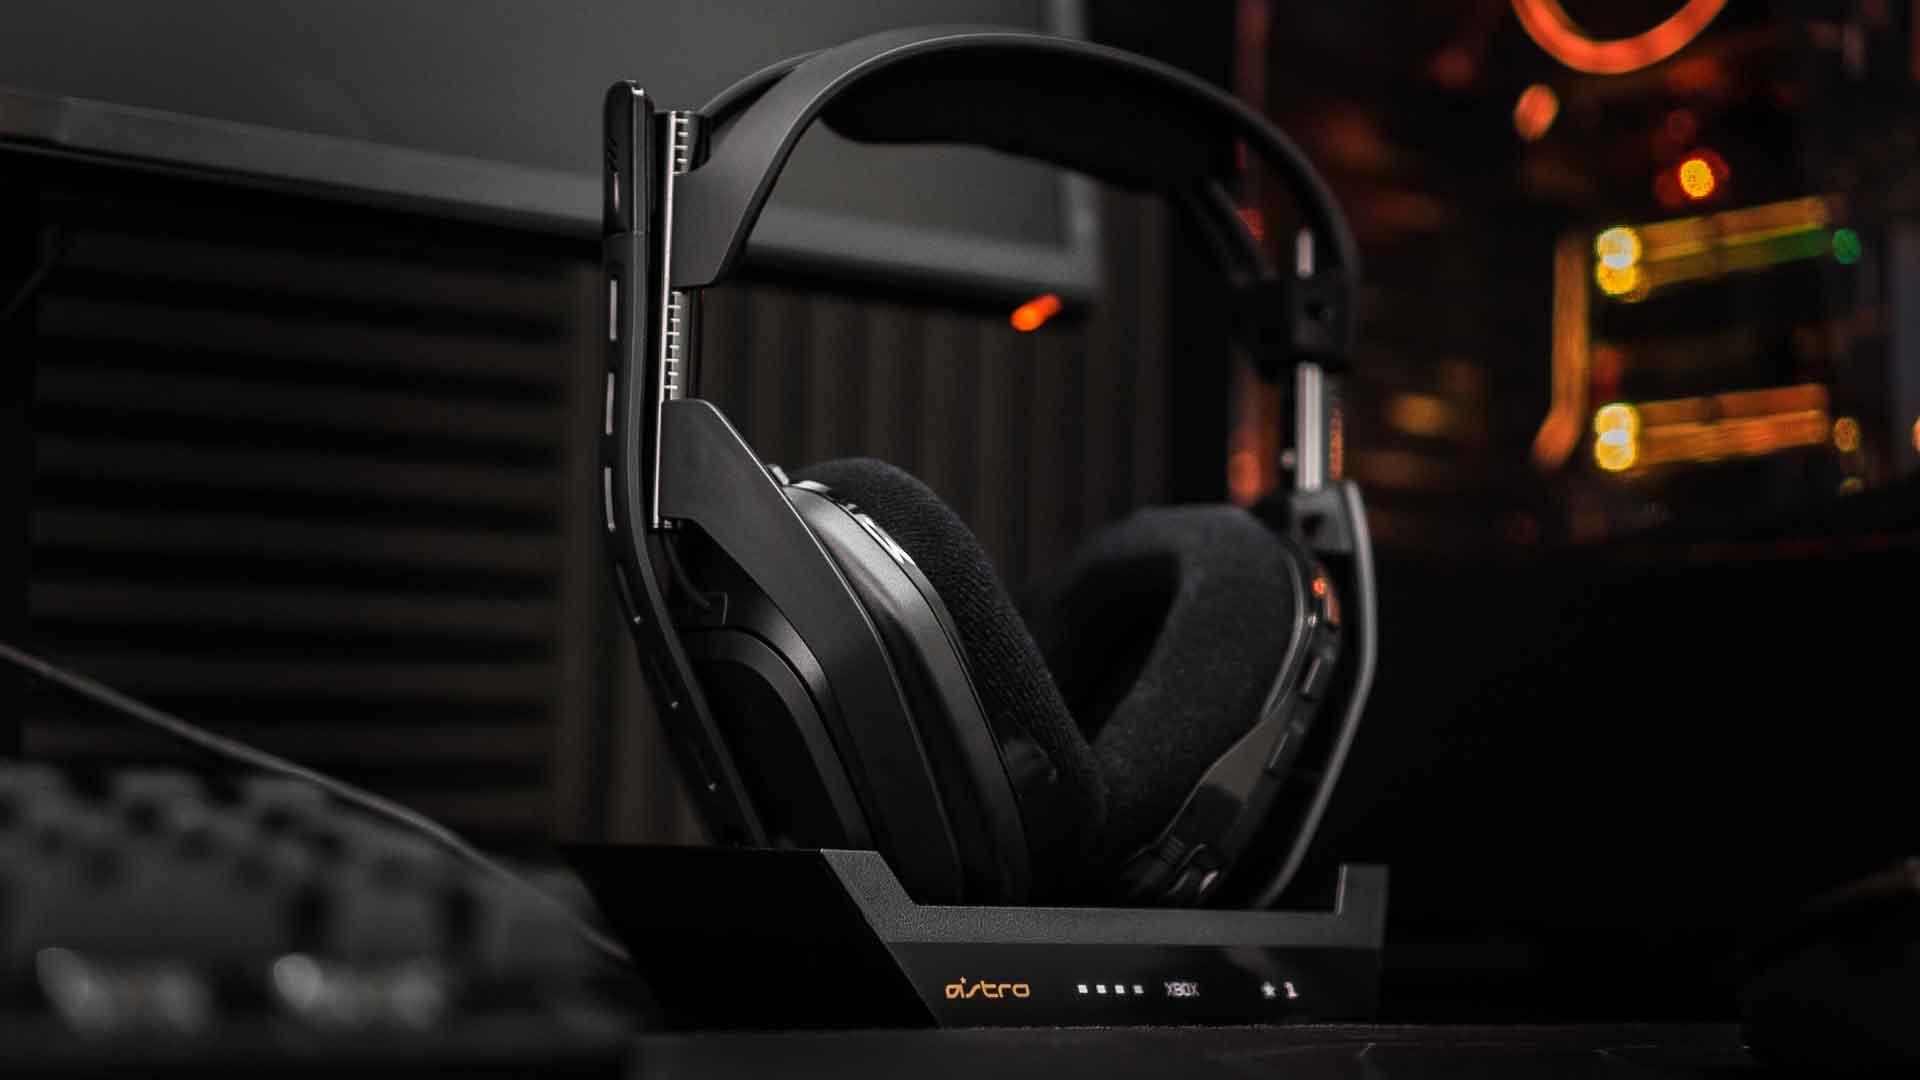 Astro A50 2019 Wireless Headset Xbox